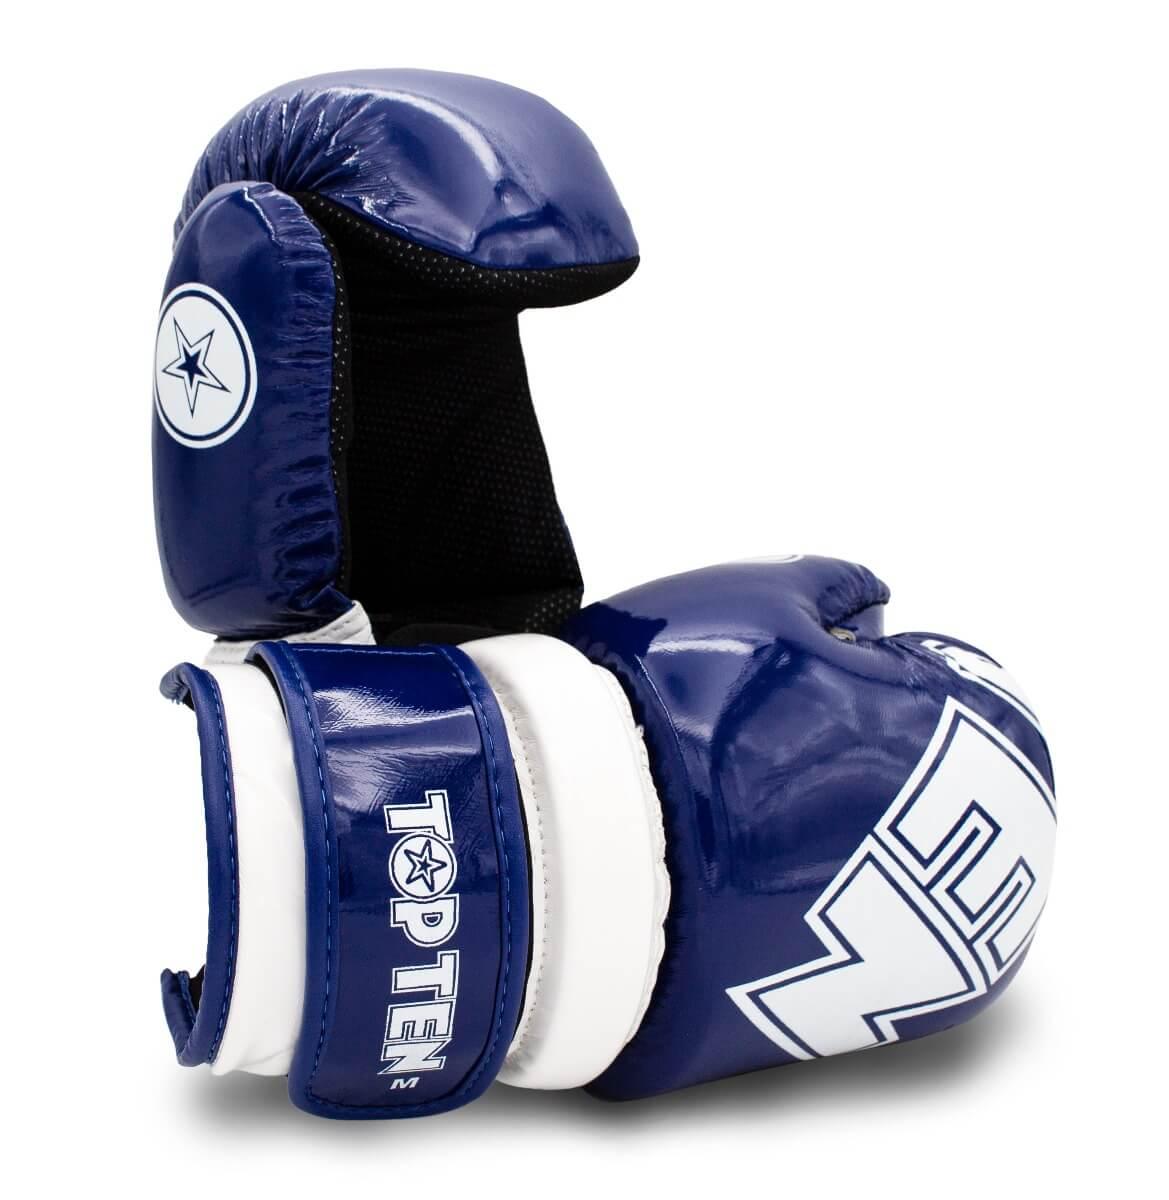 Pointfighter Glossy Block Blau-Weiss